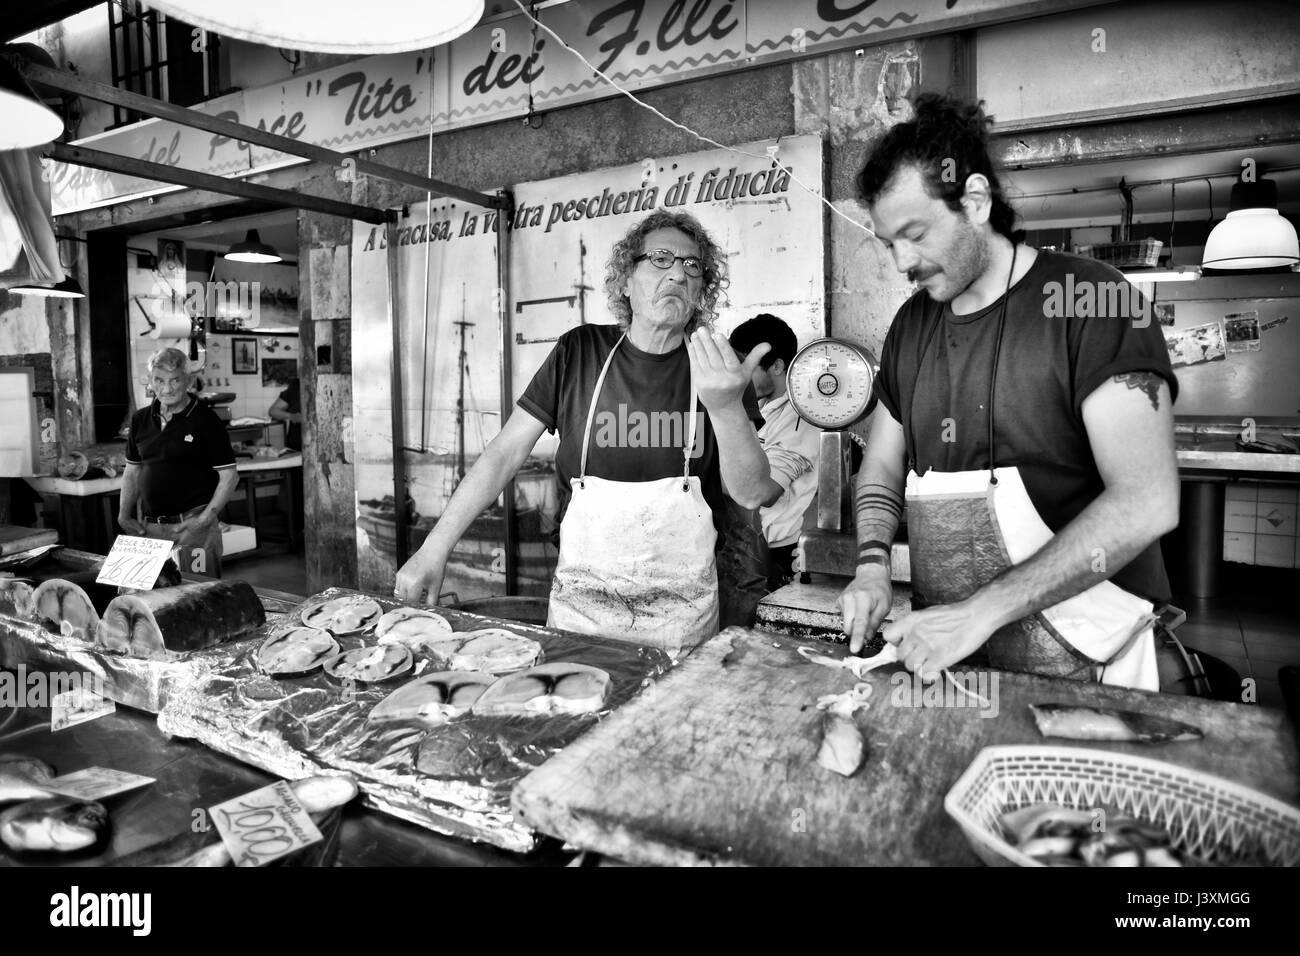 Reportage-Fotos von italienische mediterrane Küche und Fischmarkt Stockbild